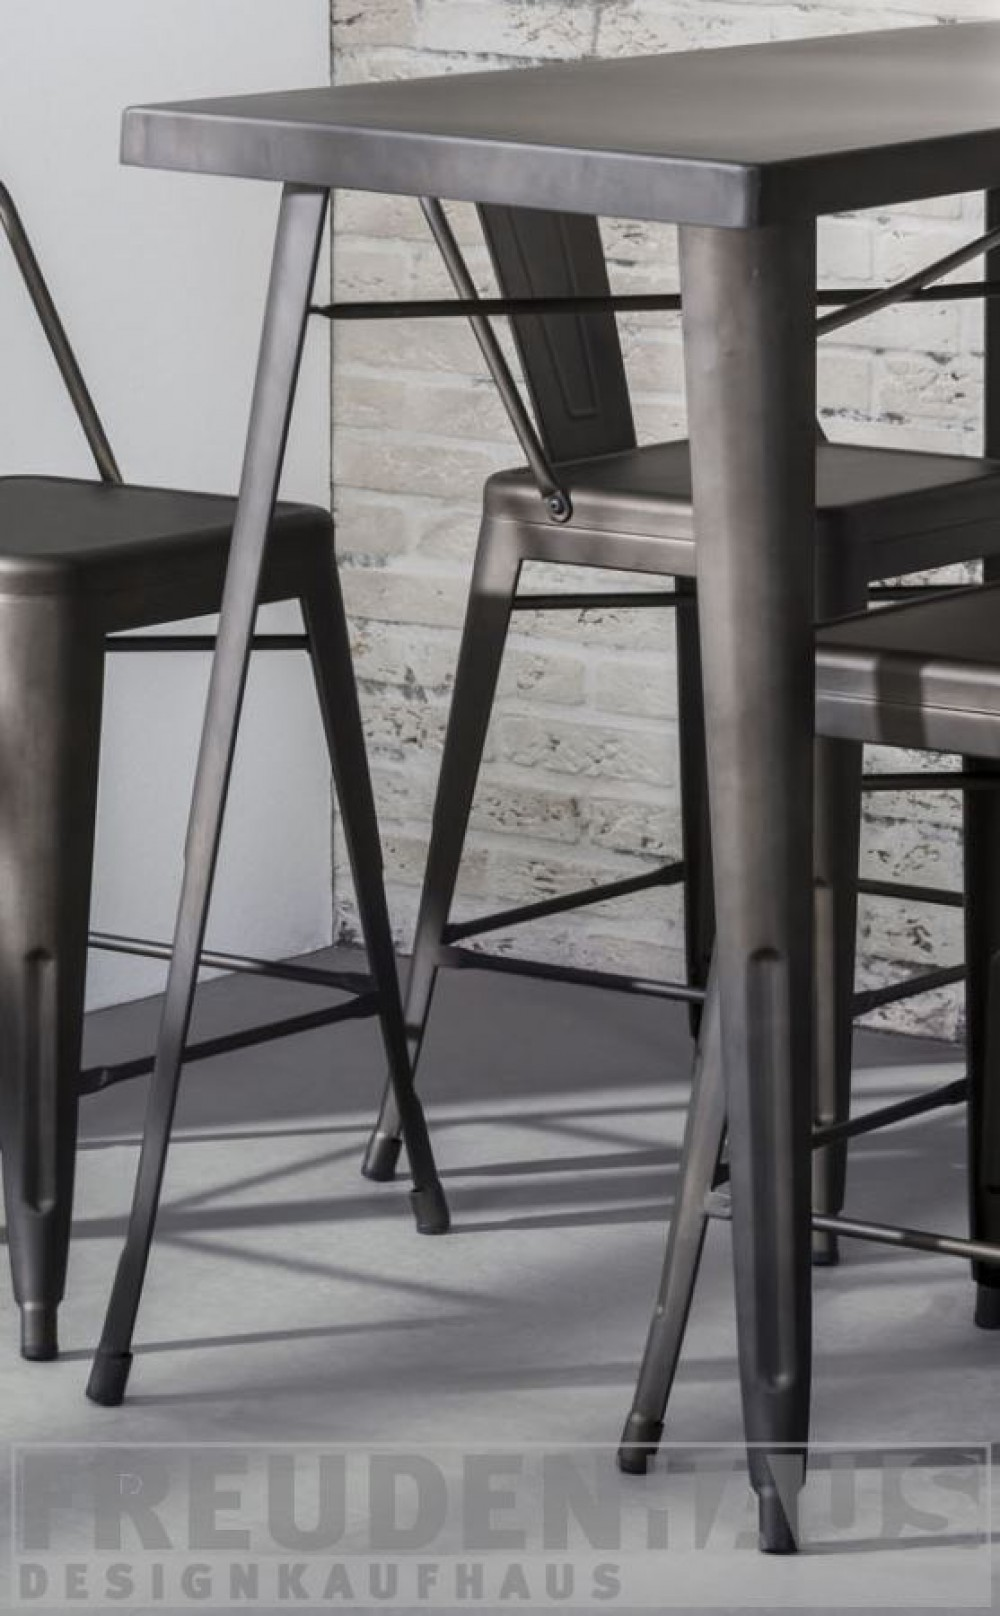 Set Bartisch Mit Vier Barhocker Metall Grau Tisch Grau Metall